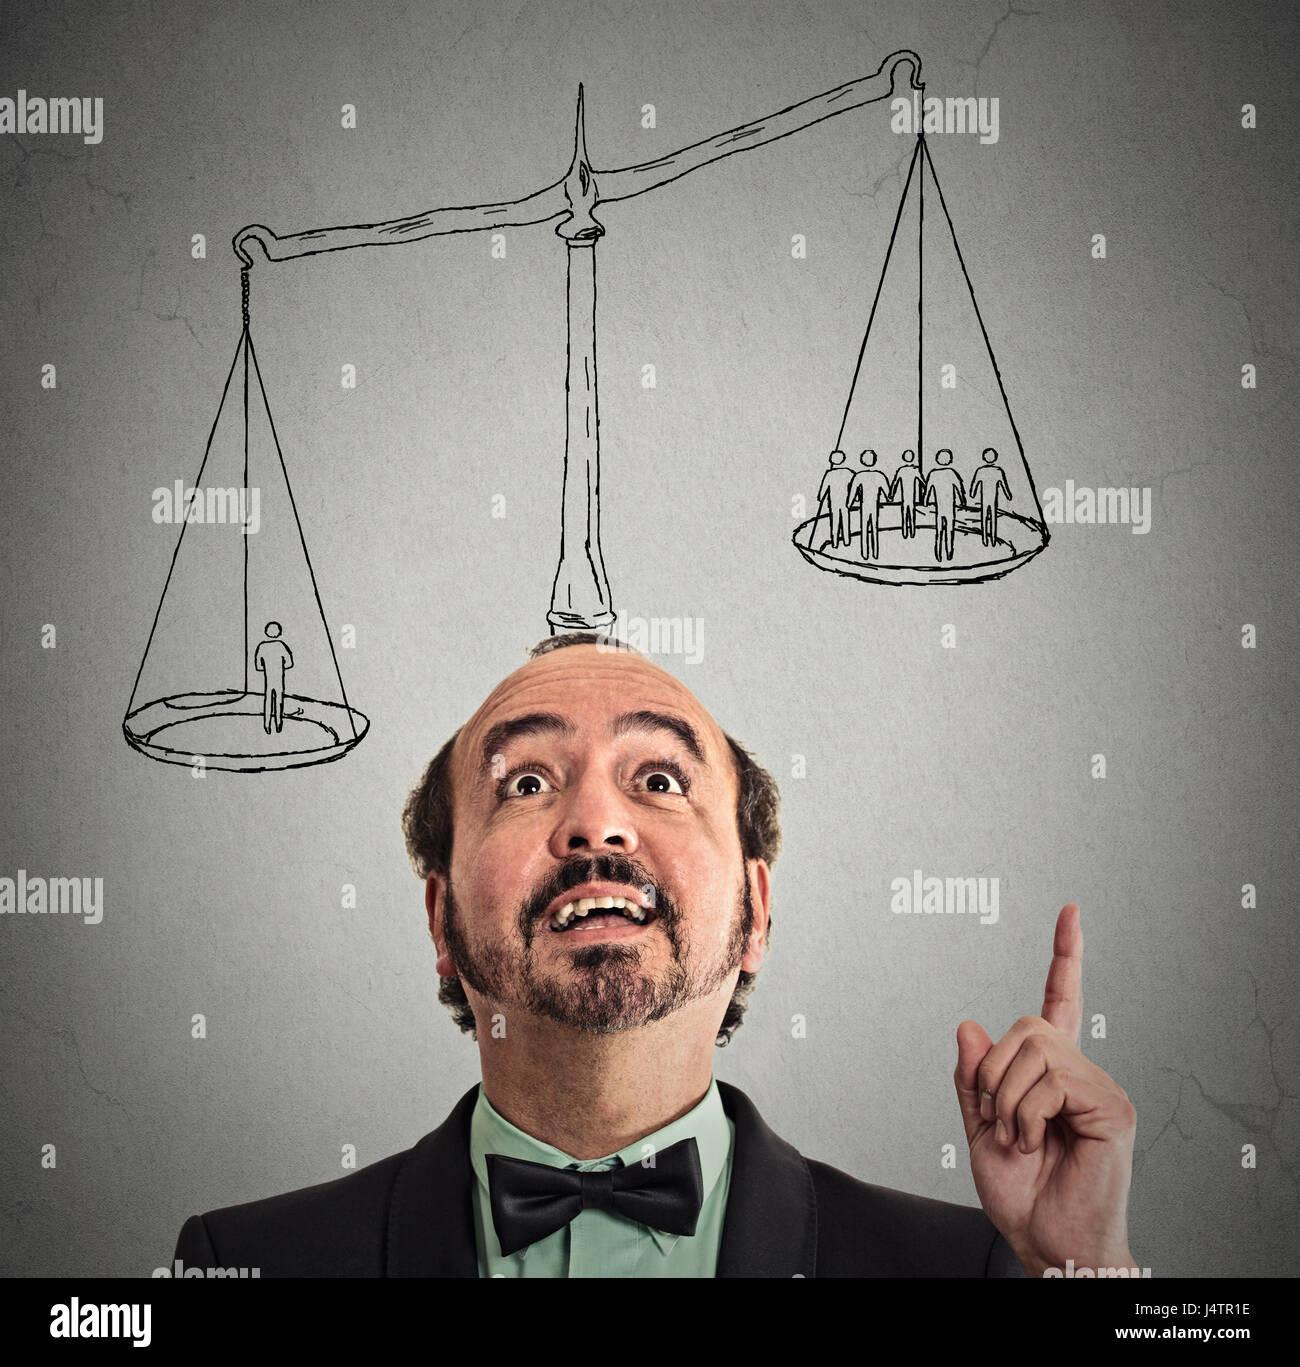 Businessman avec l'échelle au-dessus de la tête a idée solution 1 homme pesant plus de gens d'affaires Photo Stock